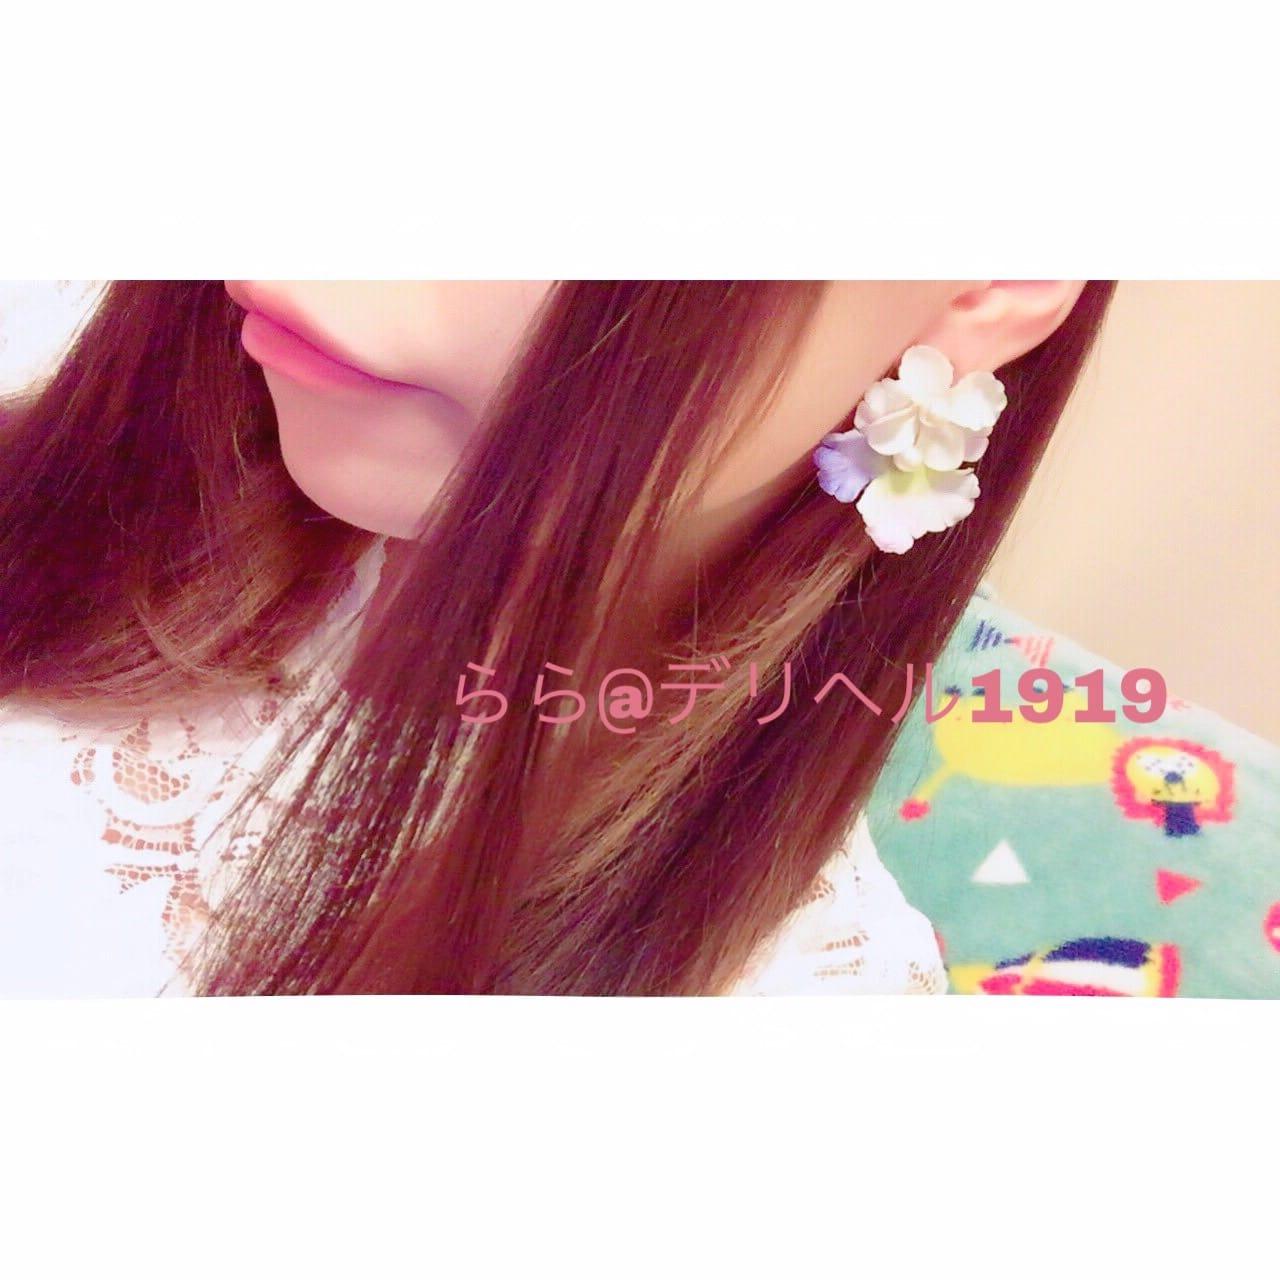 らら「おはよー」02/22(木) 20:22 | ららの写メ・風俗動画